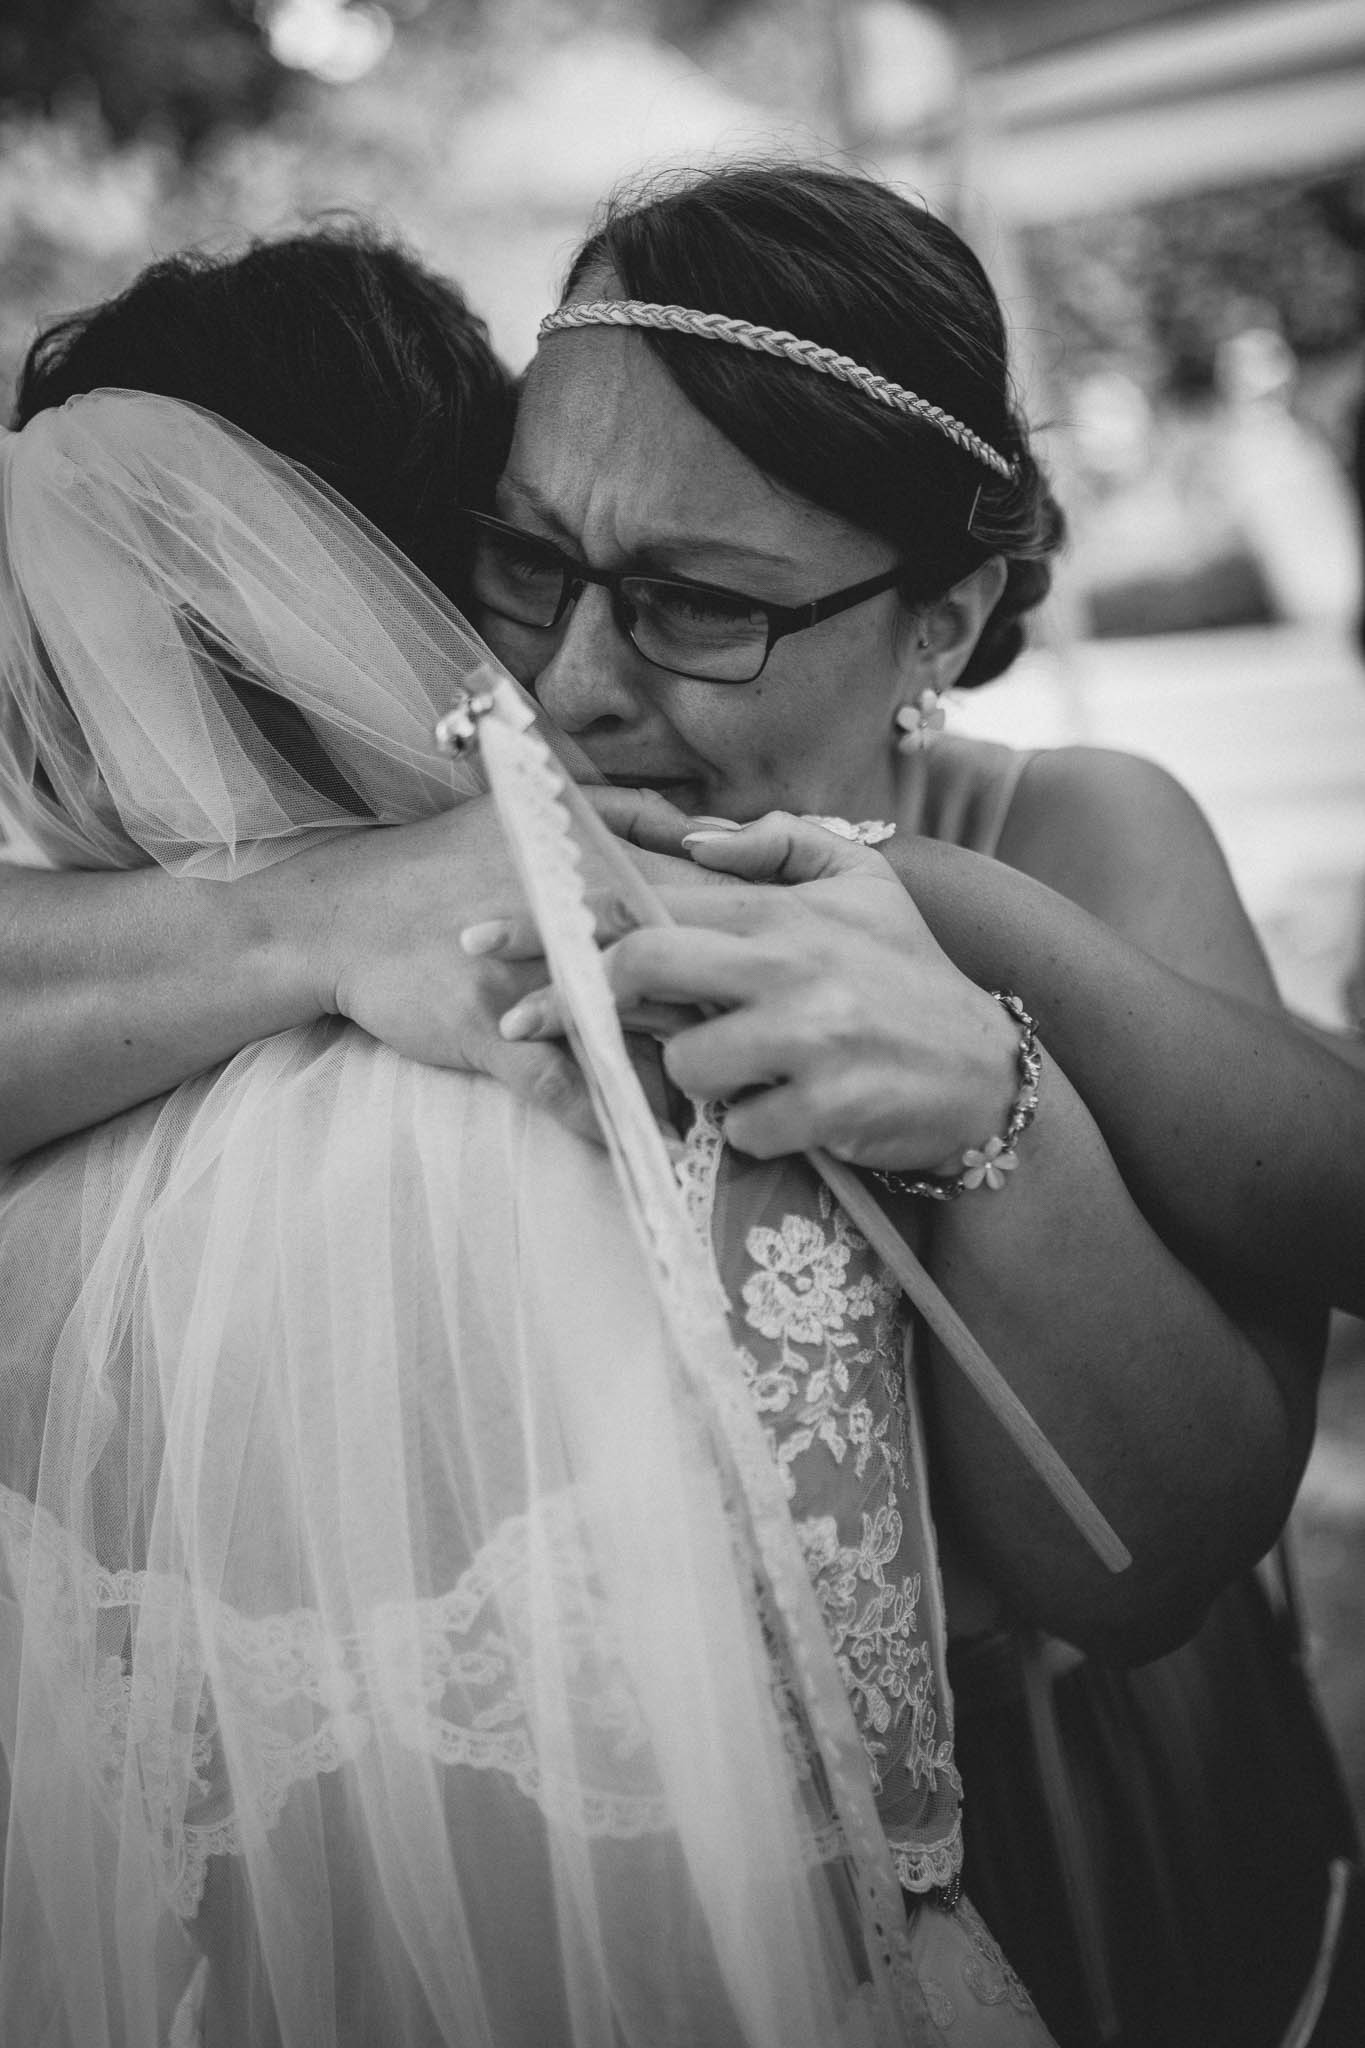 Hochzeitsfotograf Monzernheim: freie Trauung von Sarah & Patrick 37